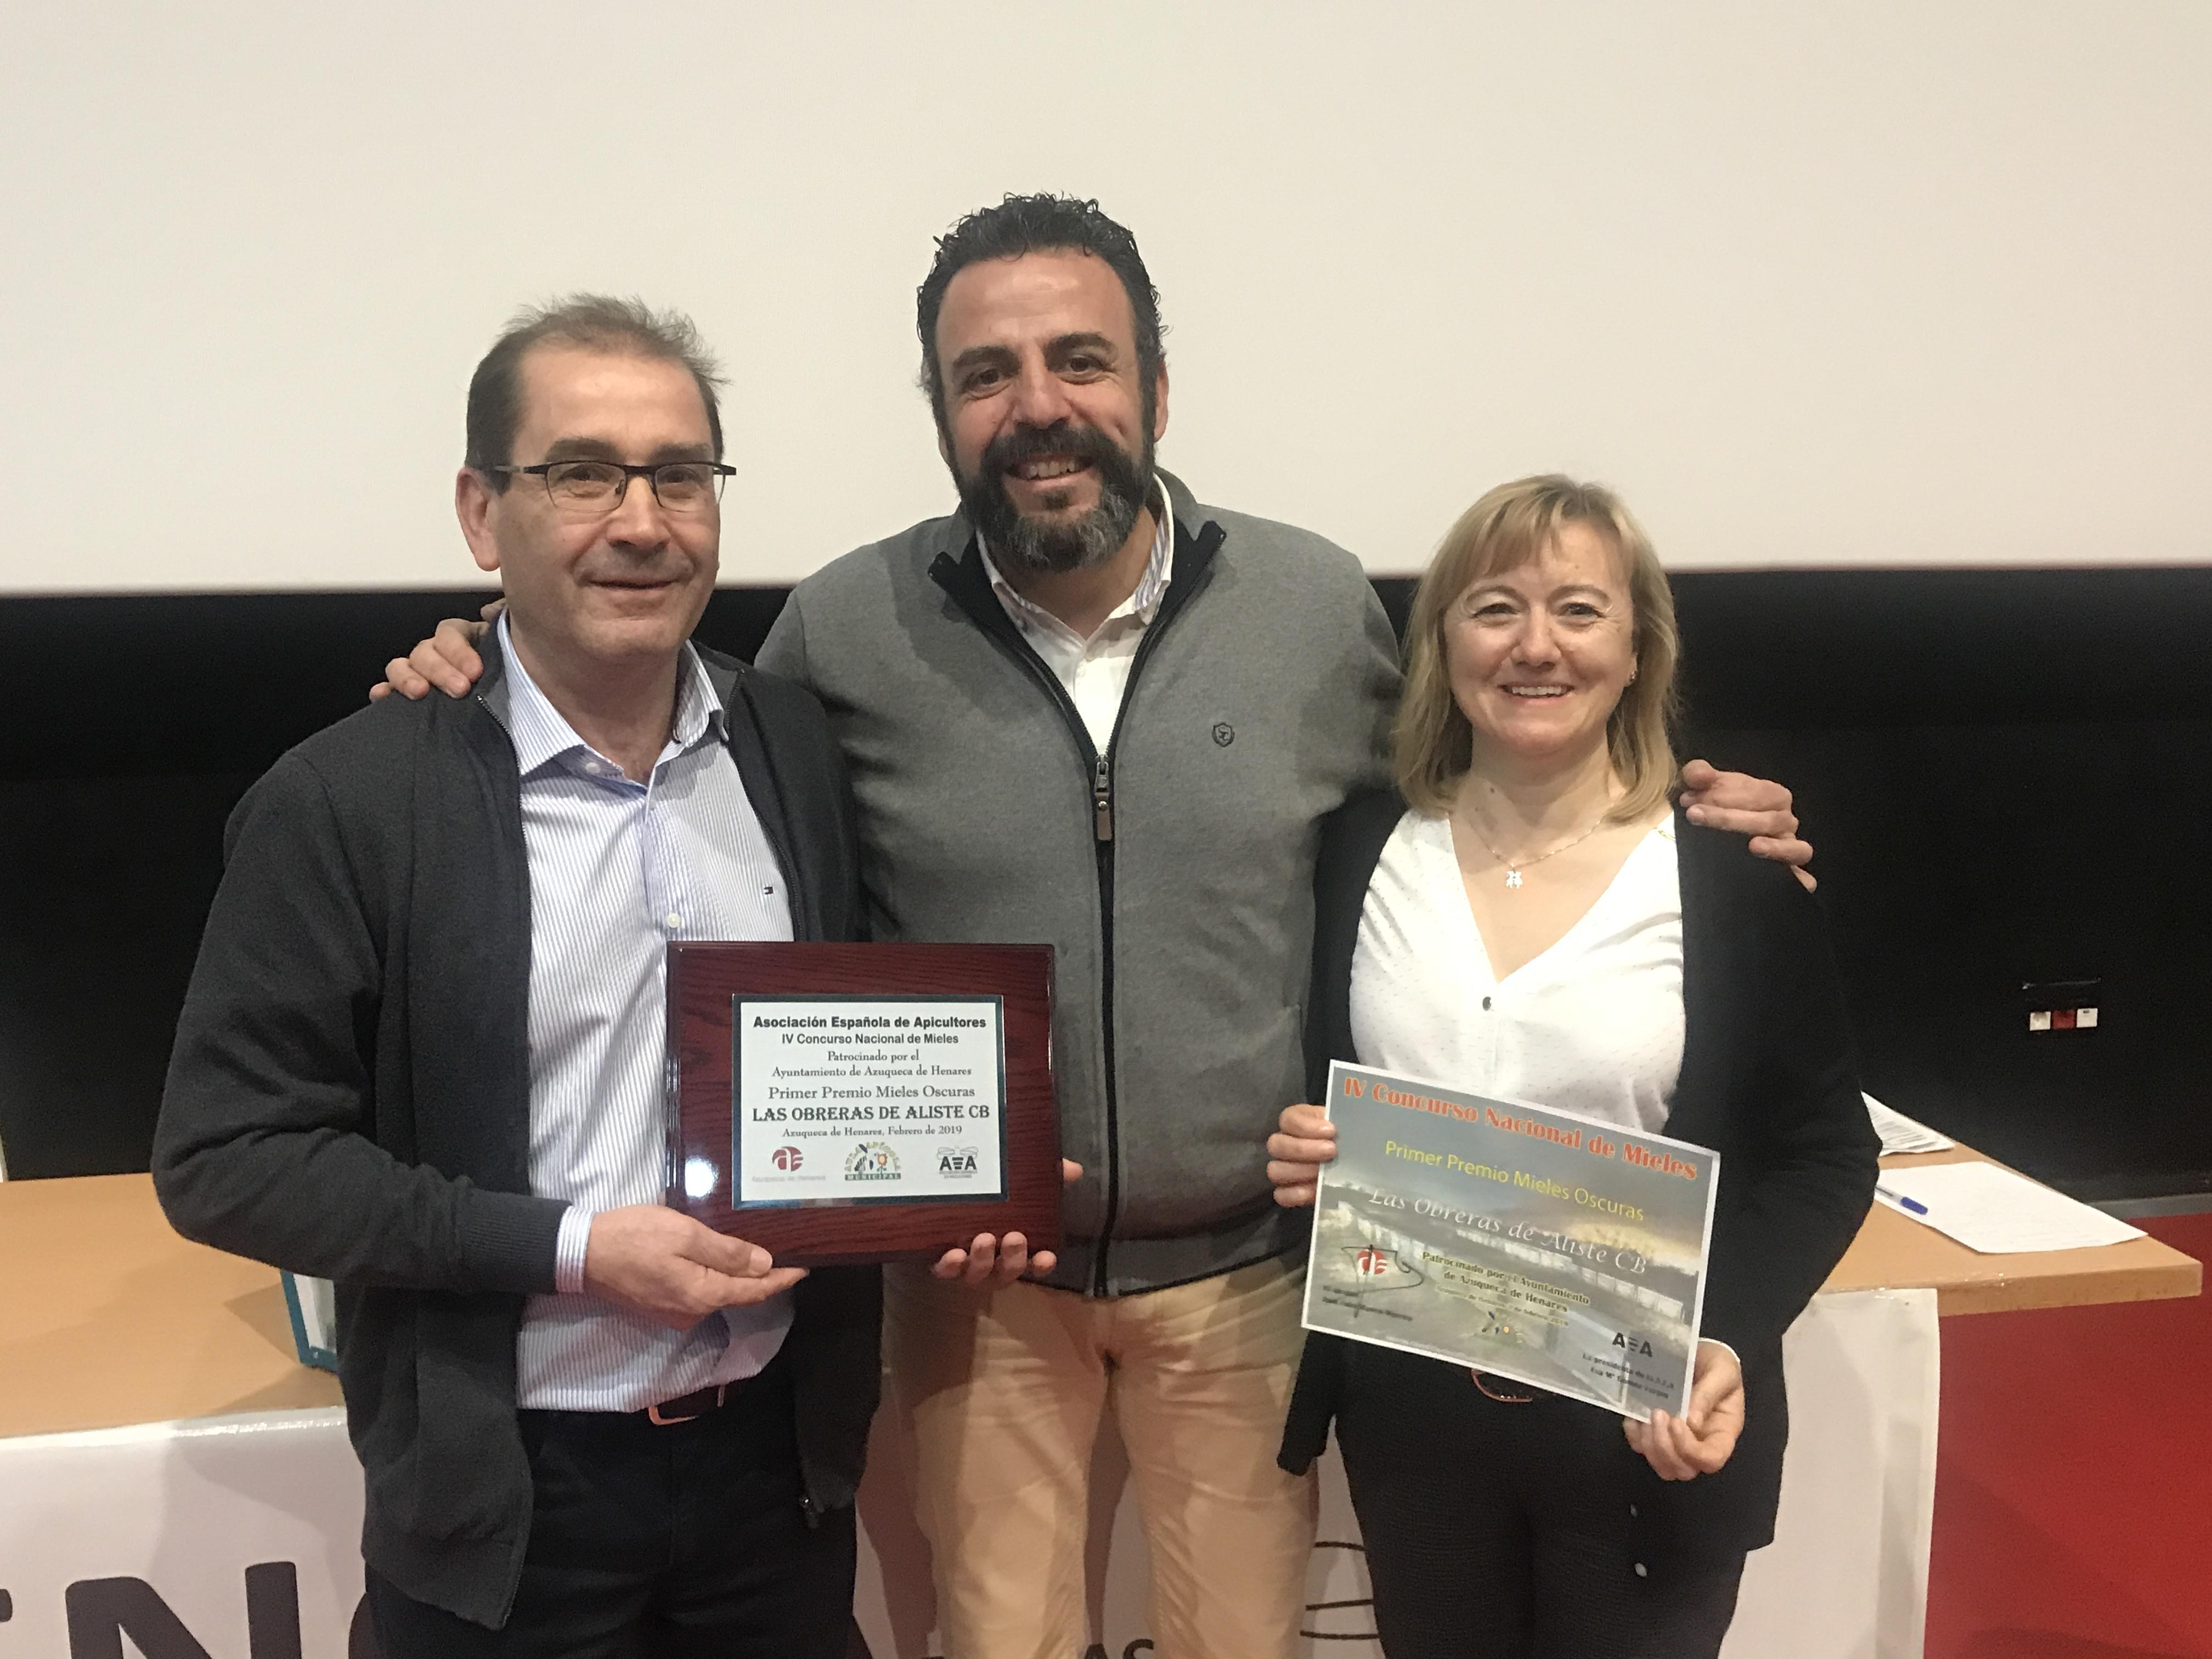 Primer premio a las Mieles oscuras. Desde 80 mm Pfund, en el IV Concurso Nacional de Mieles organizado por la Asociación Española de Apicultores Las Obreras de Aliste CB Artesanos de la miel